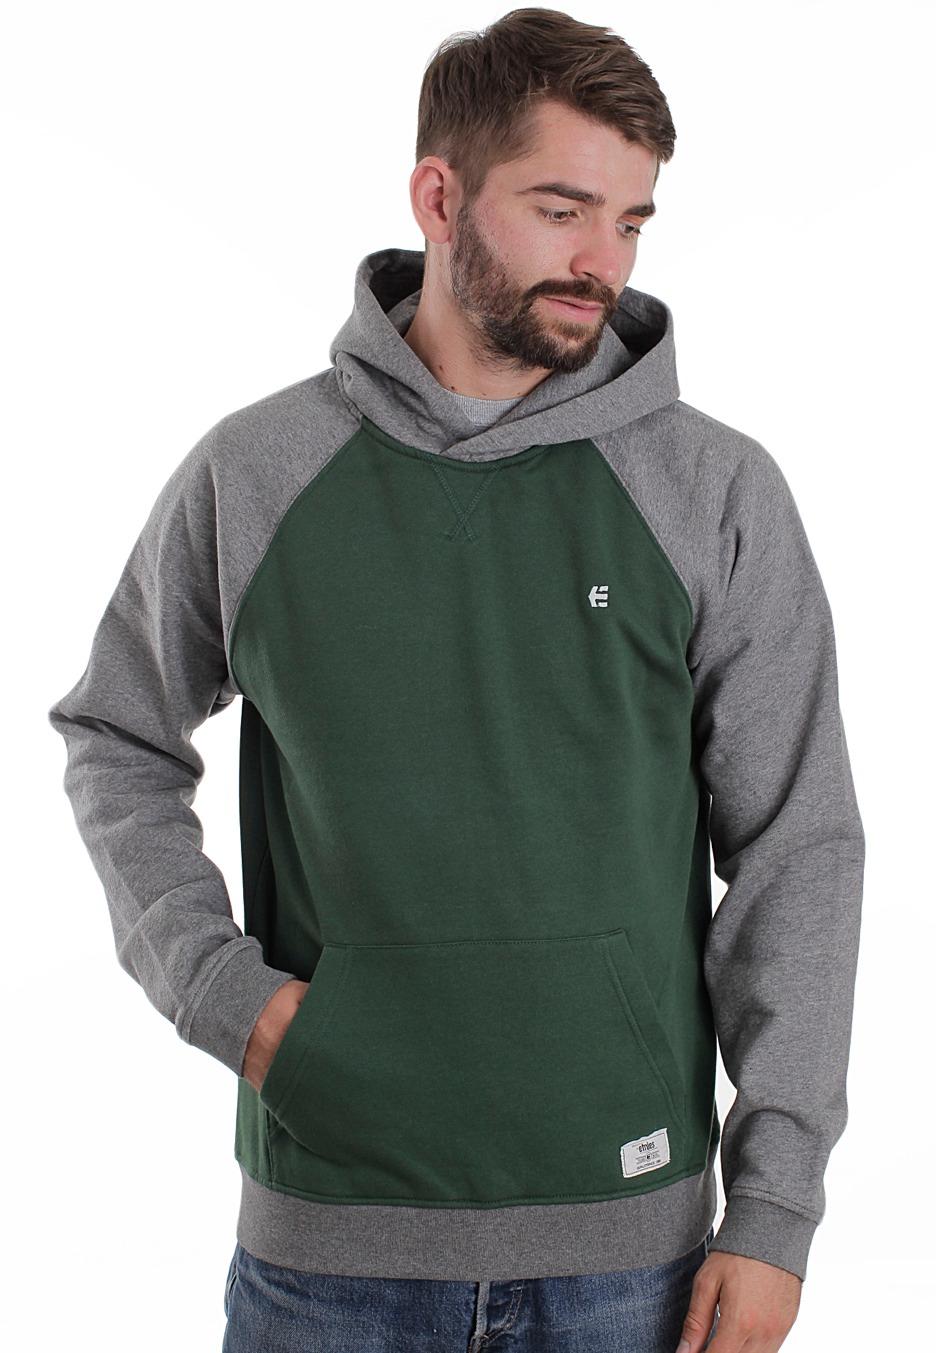 Etnies hoodie